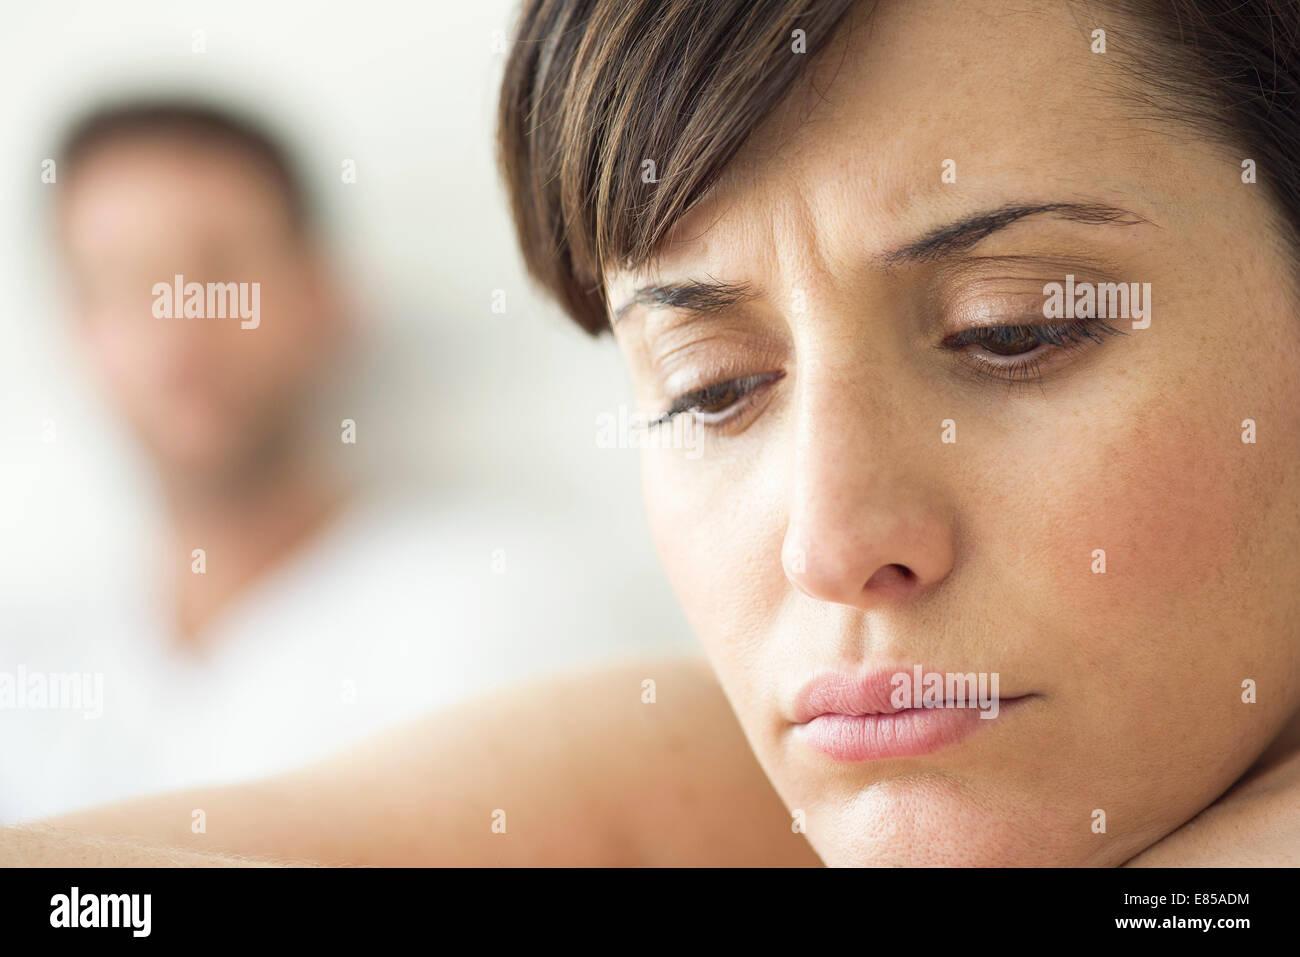 Donna contemplativa e ritirata dopo il disaccordo con il marito Immagini Stock